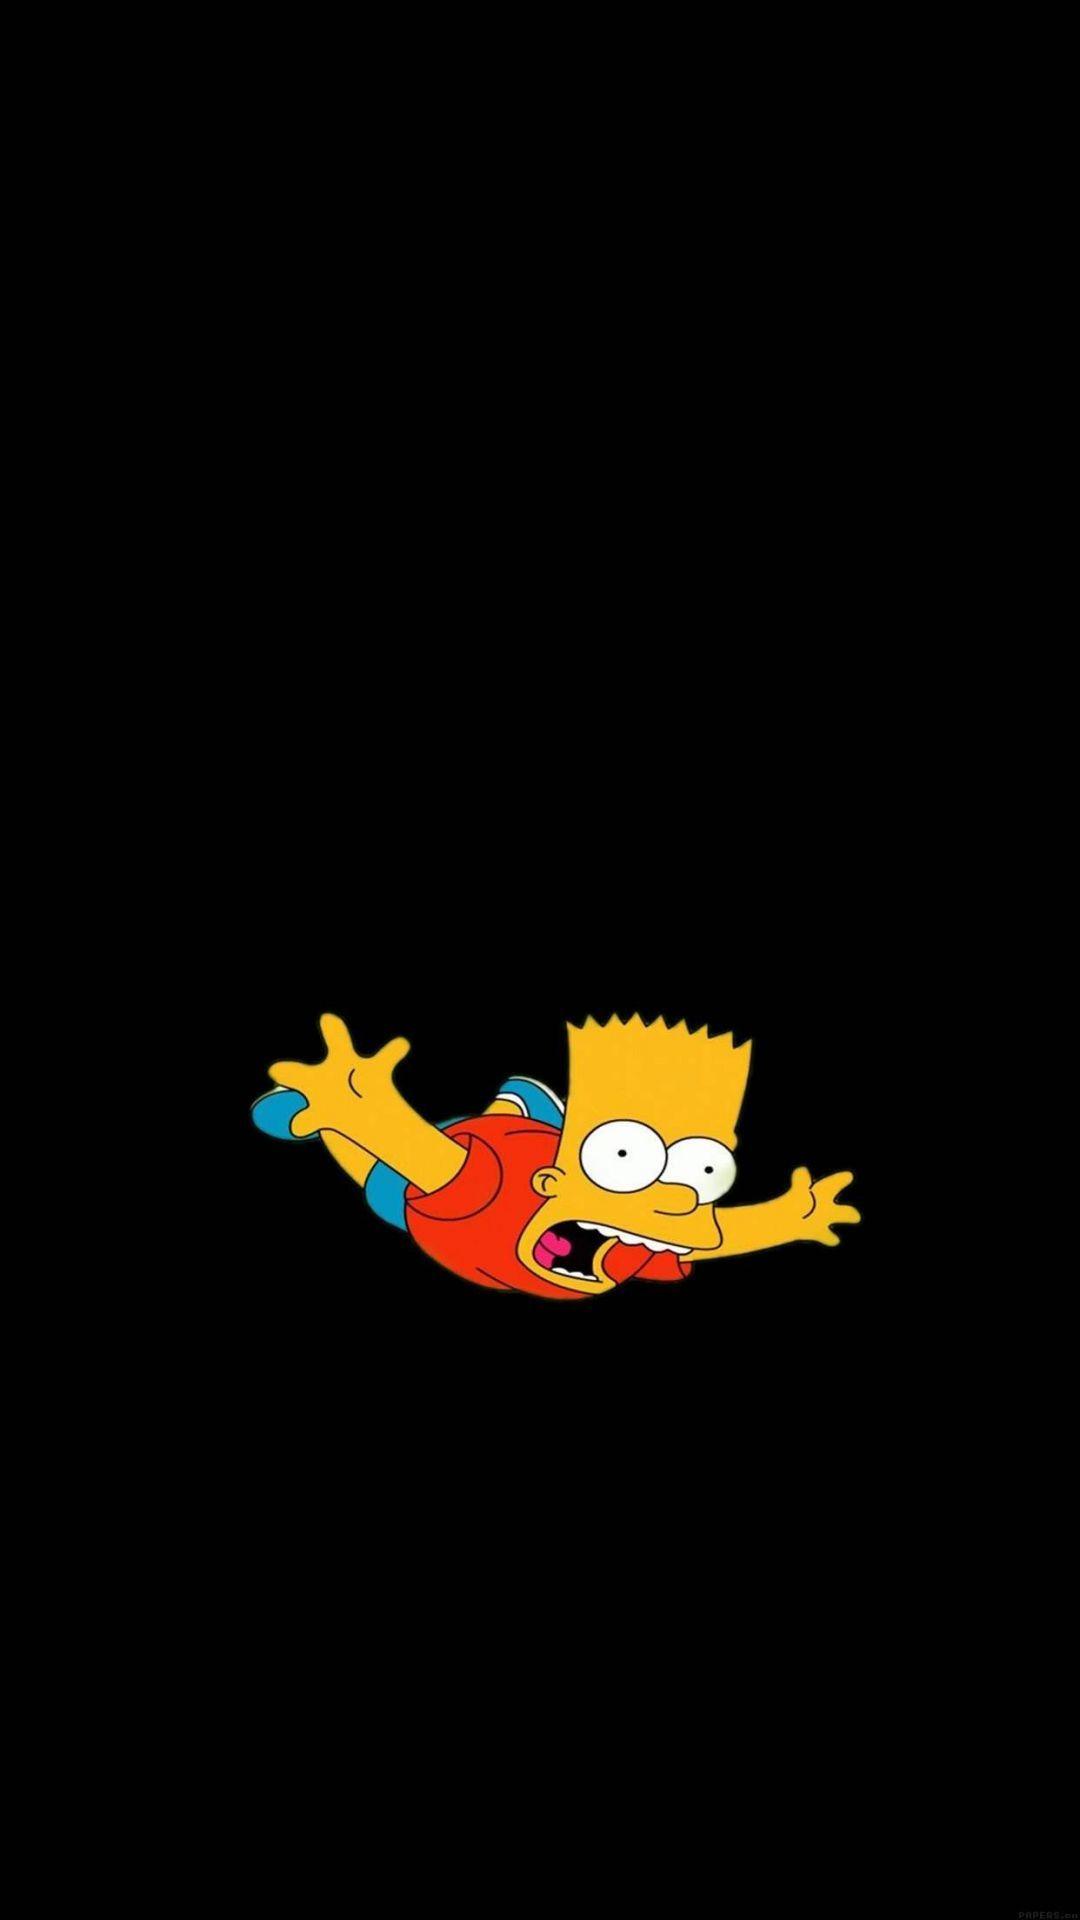 Aesthtic Simpsons Wallpaper Download Flip Wallpapers Download Free Wallpaper Hd In 2020 Simpson Wallpaper Iphone Iphone Wallpaper Hipster Best Iphone Wallpapers